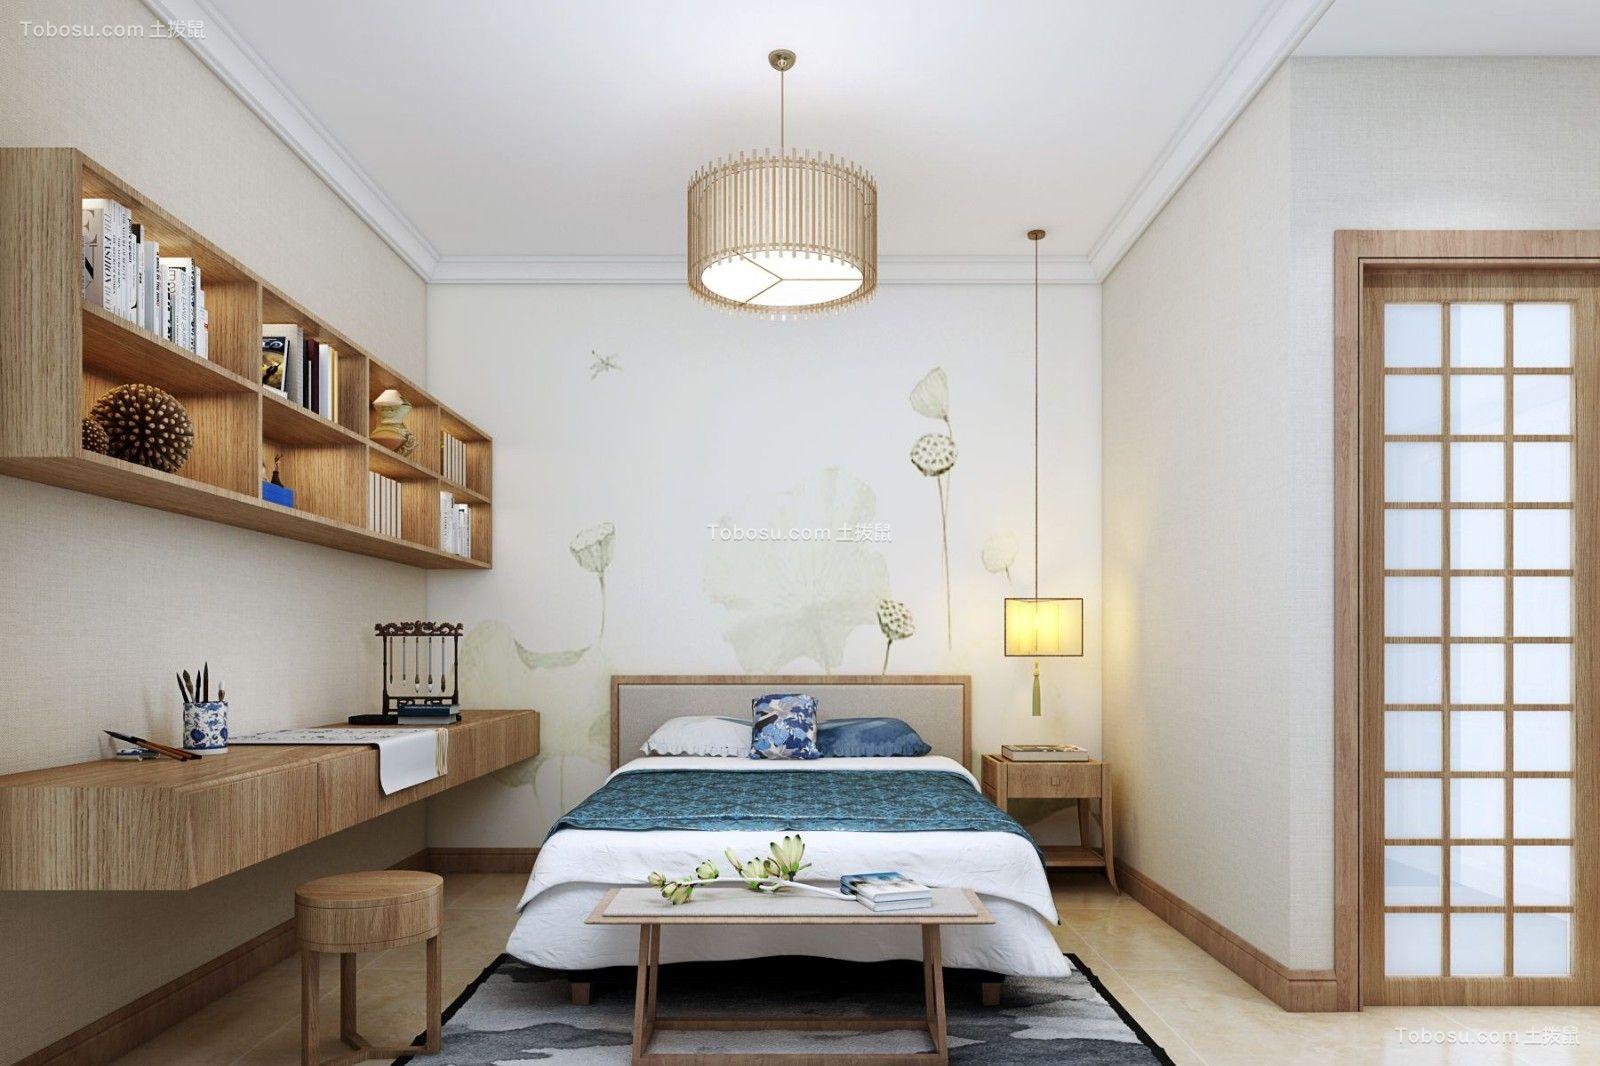 2019日式卧室装修设计图片 2019日式背景墙装饰设计